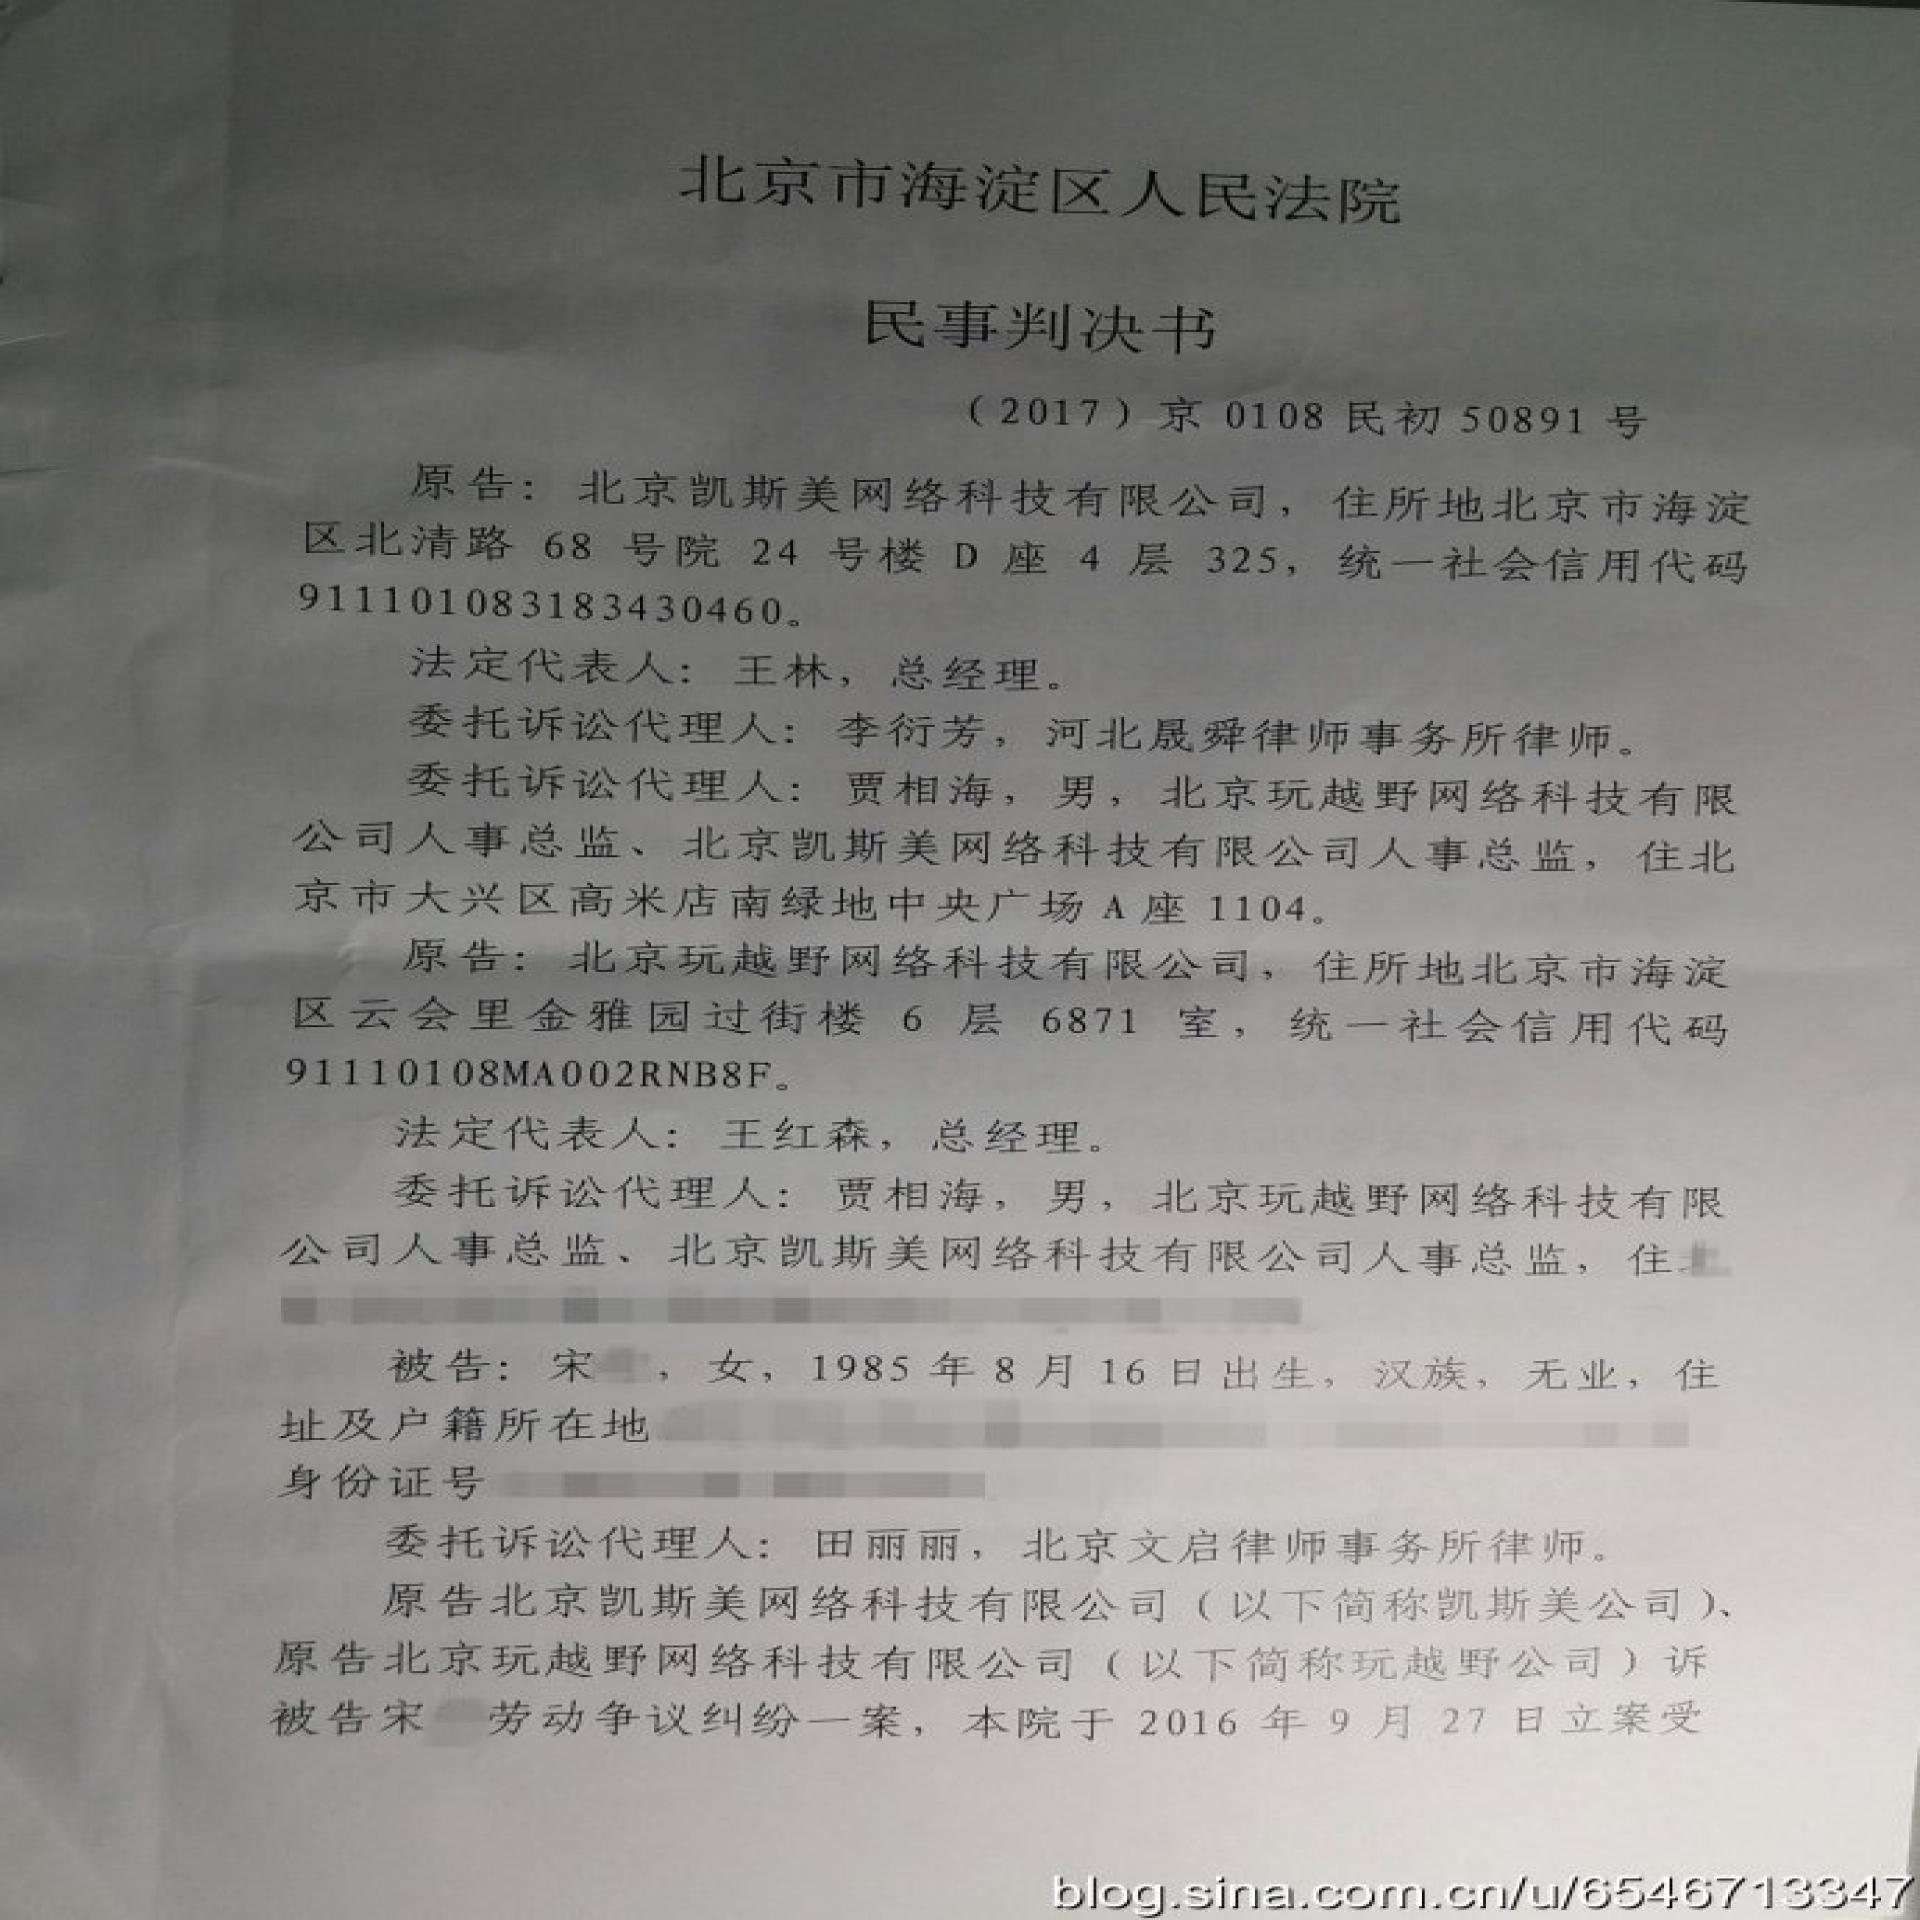 北京田丽丽律师代理宋某劳动争议纠纷一案胜诉